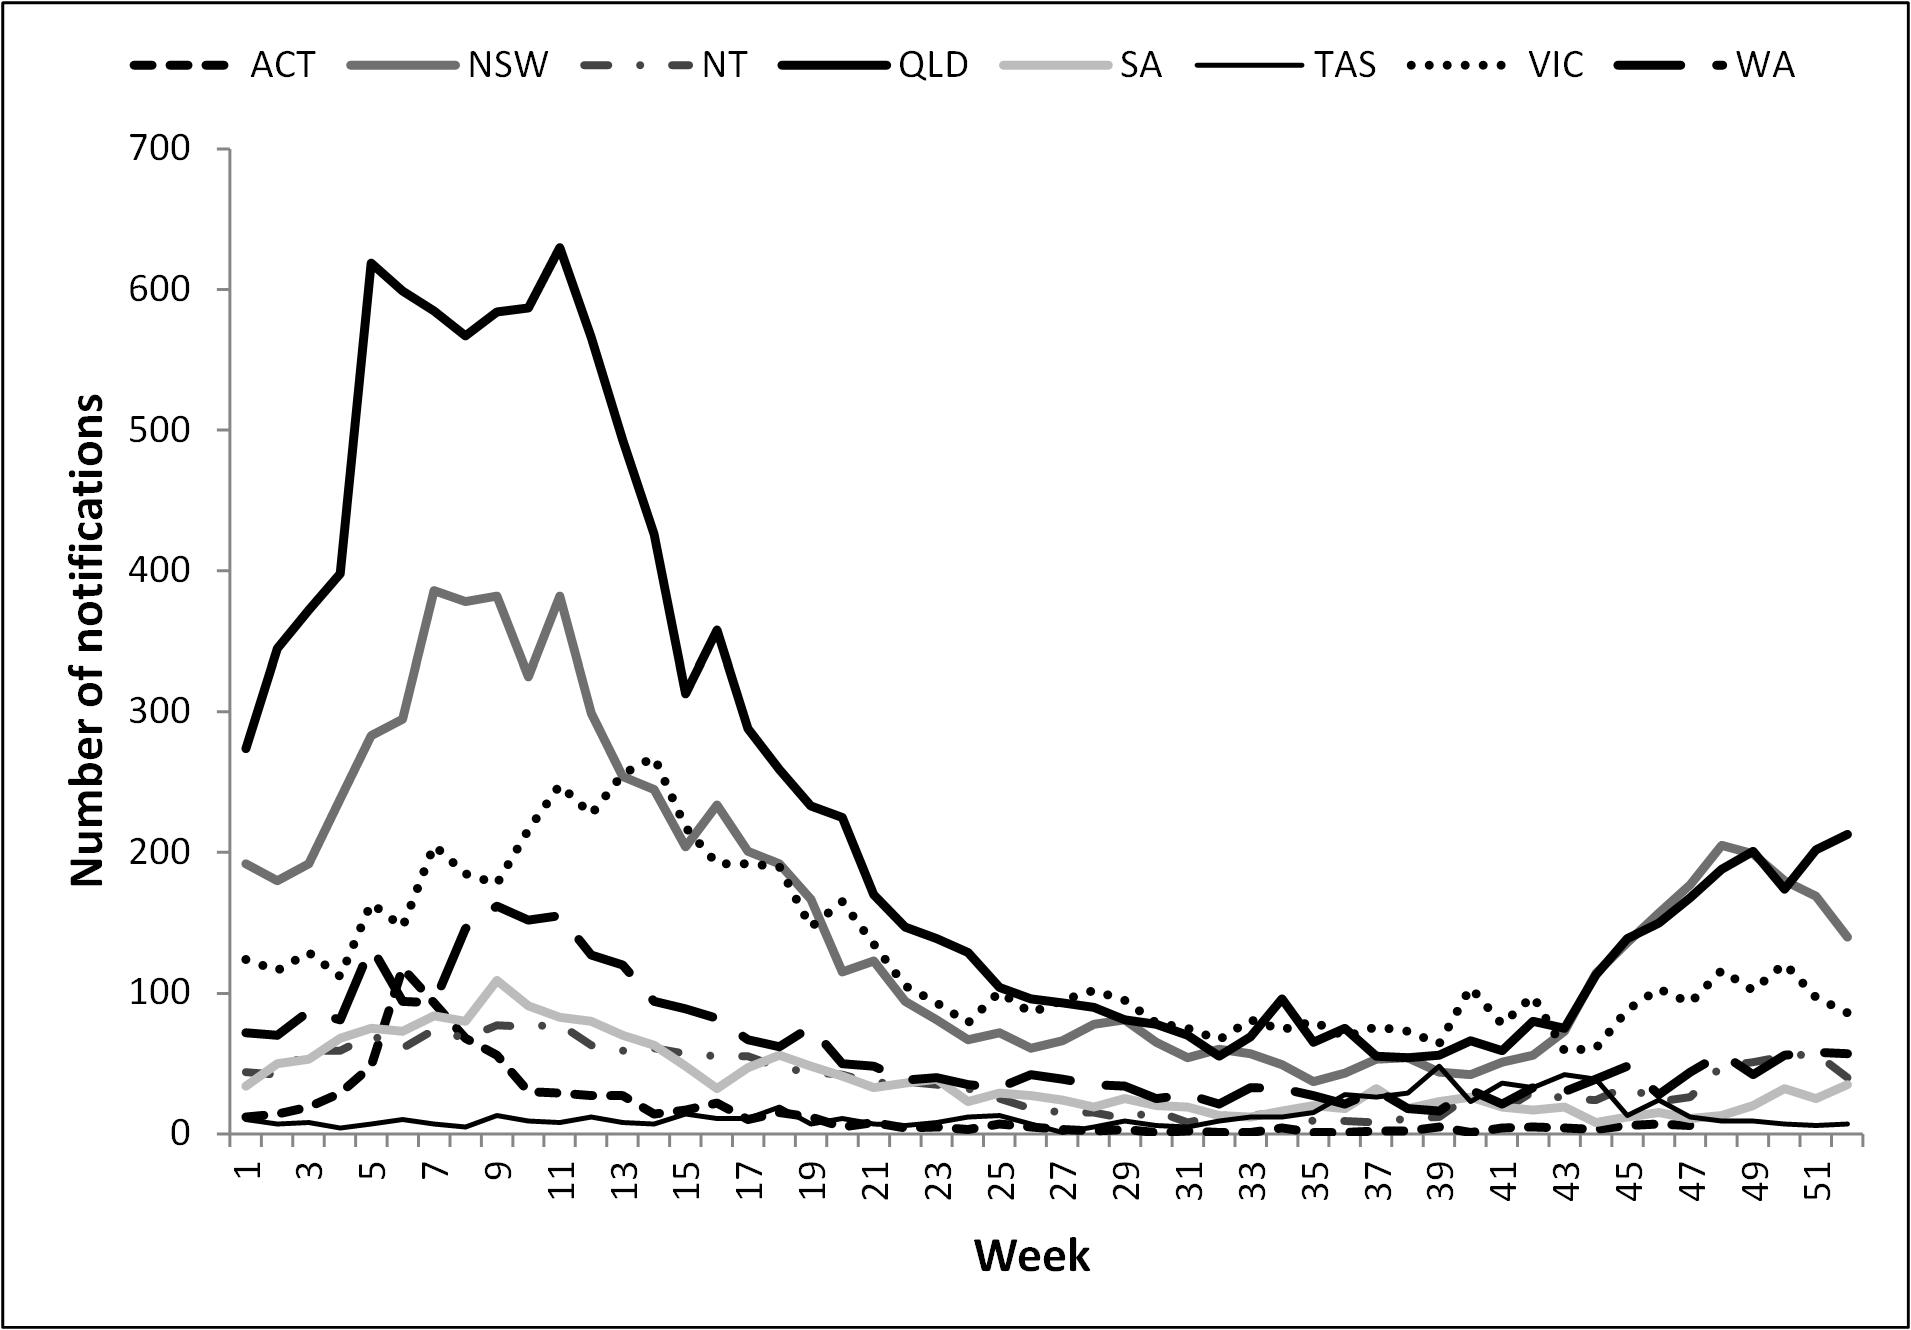 giardia outbreak nsw)